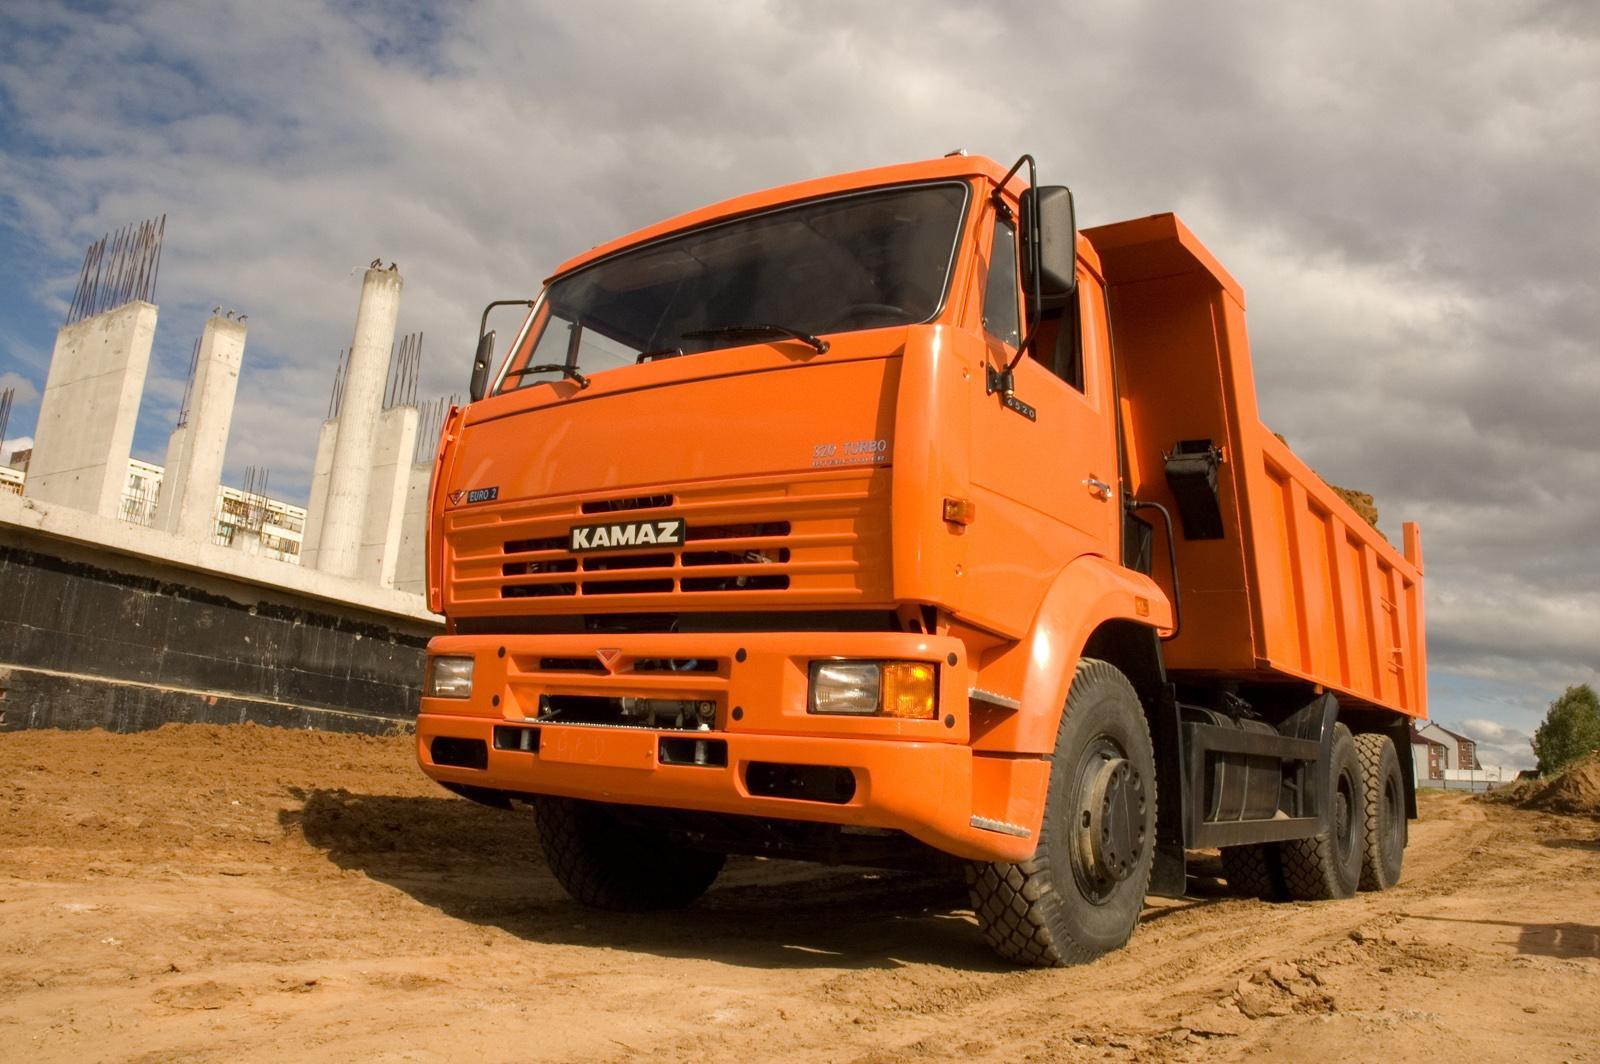 самых грузовые машины камаз фото этого